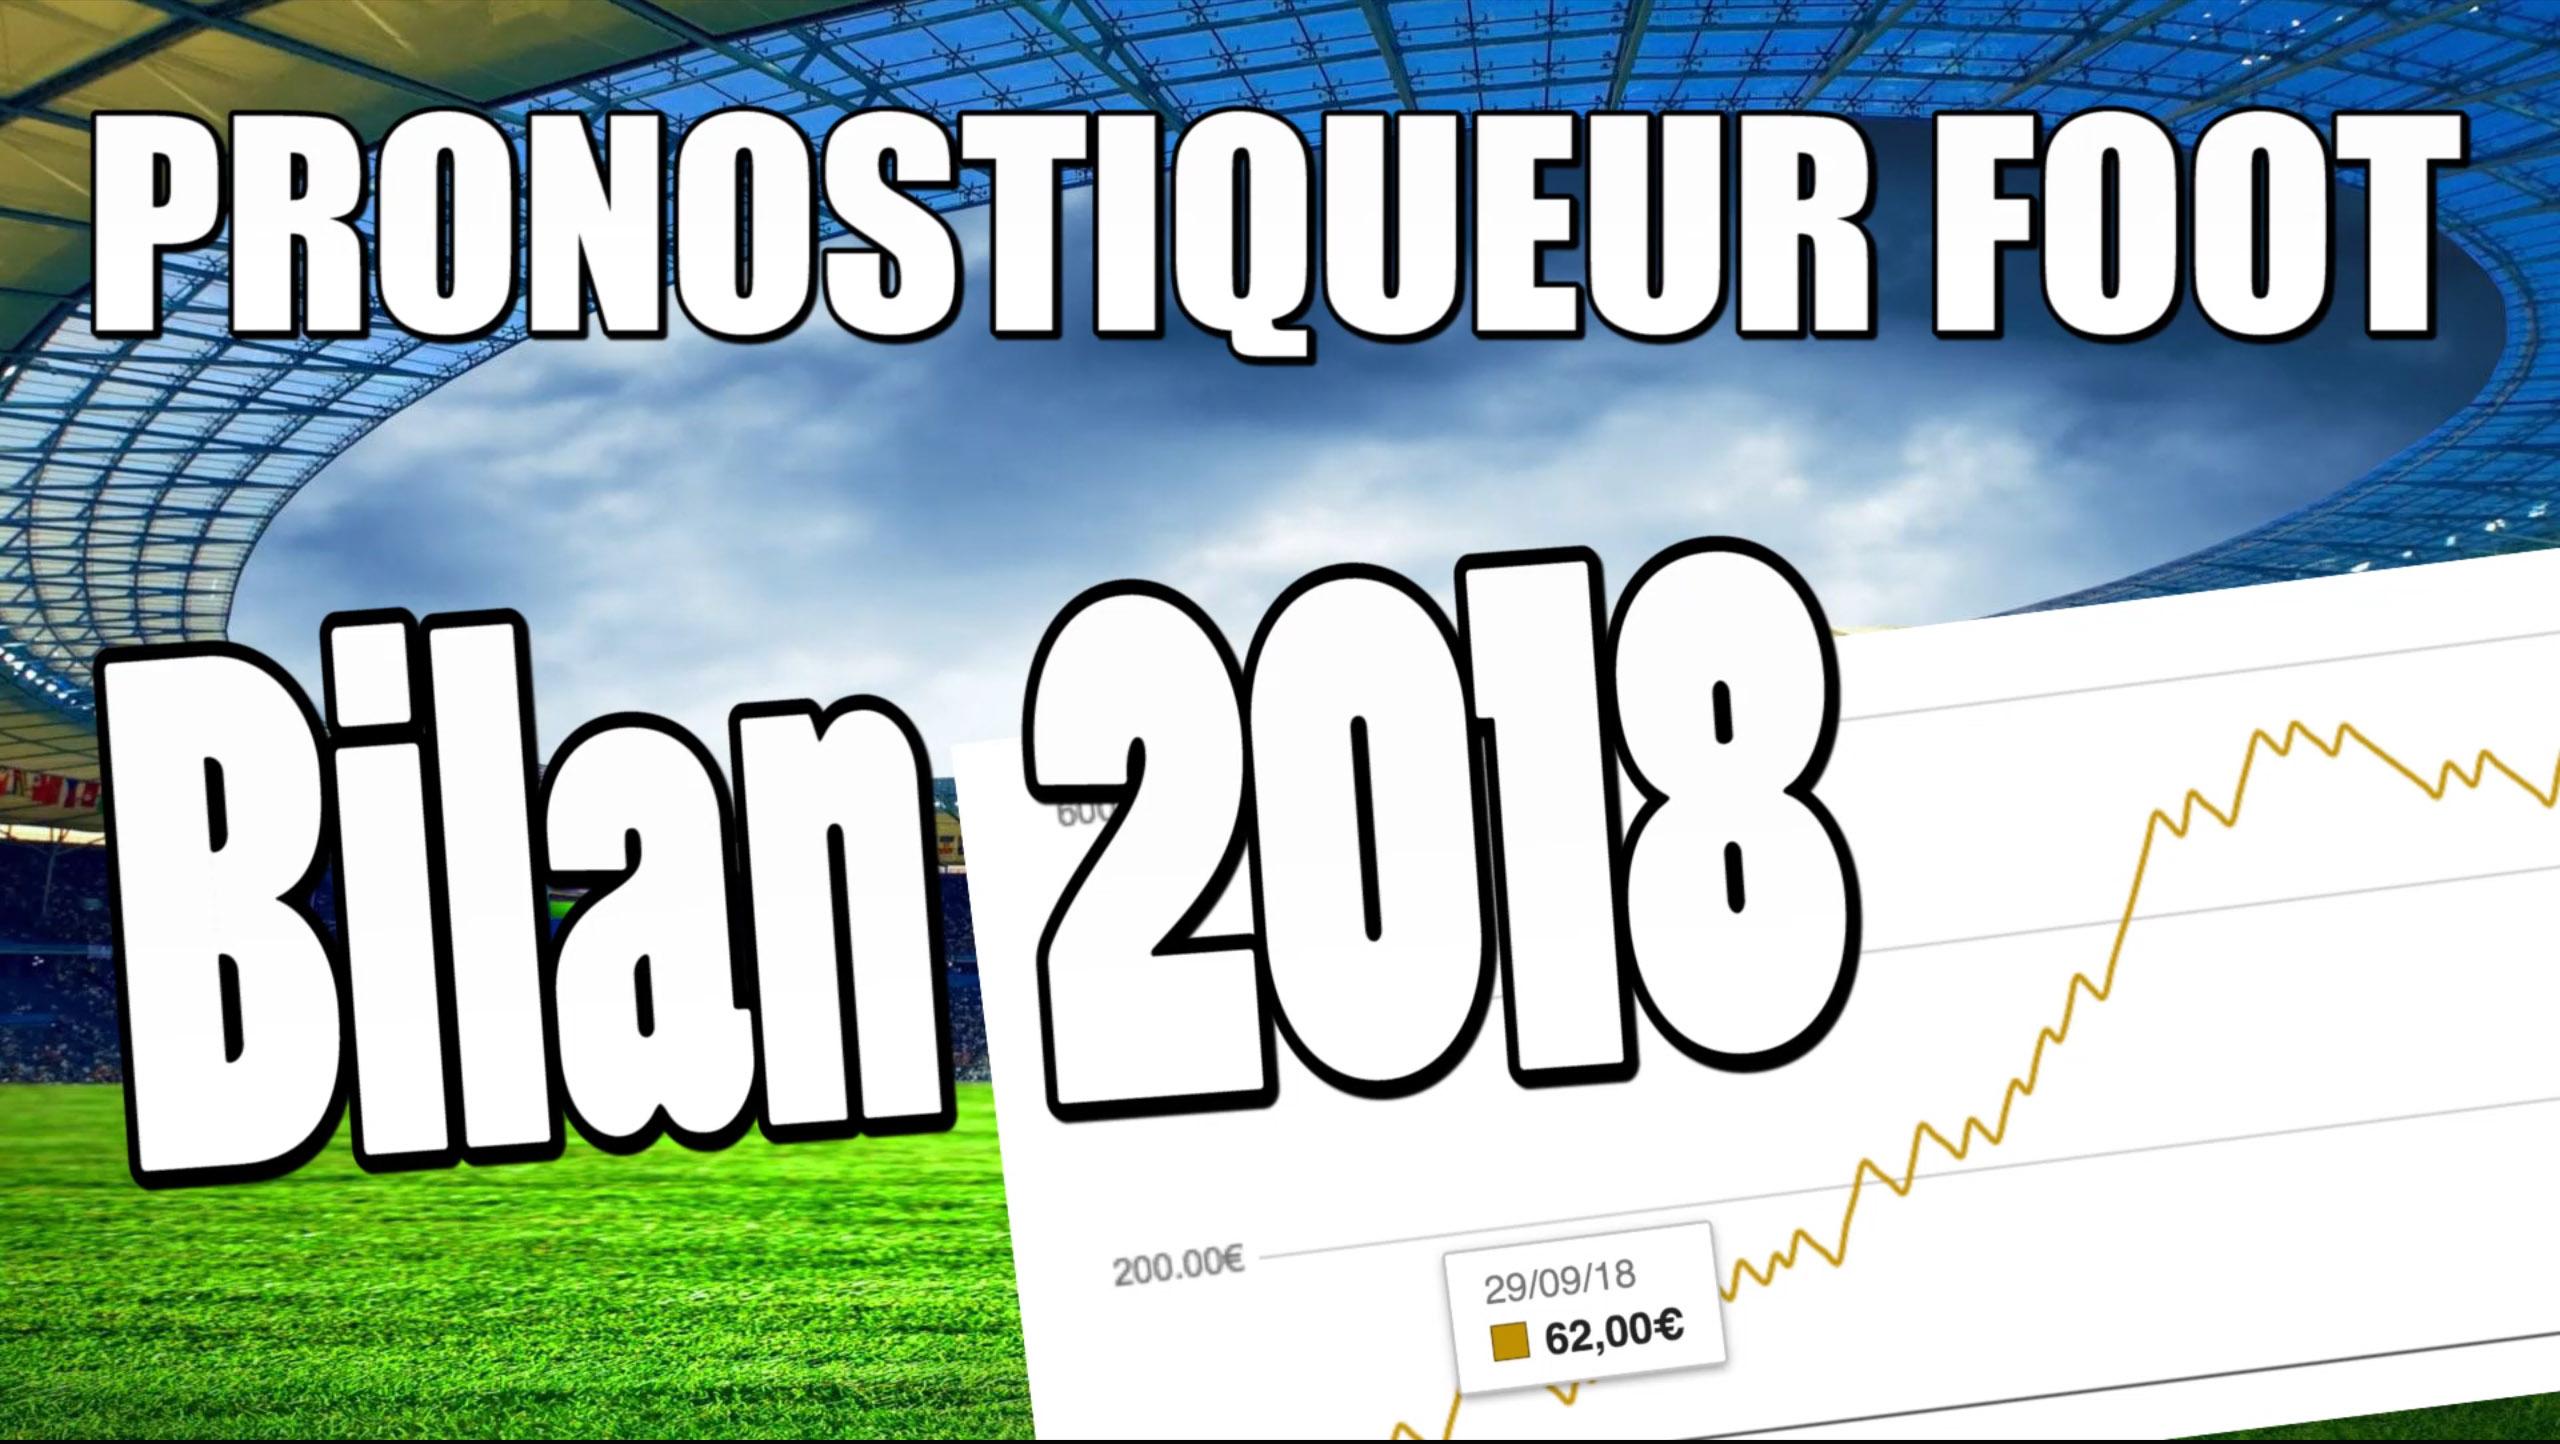 [VIDEO] Notre bilan 2018 : +49 unités de gain !